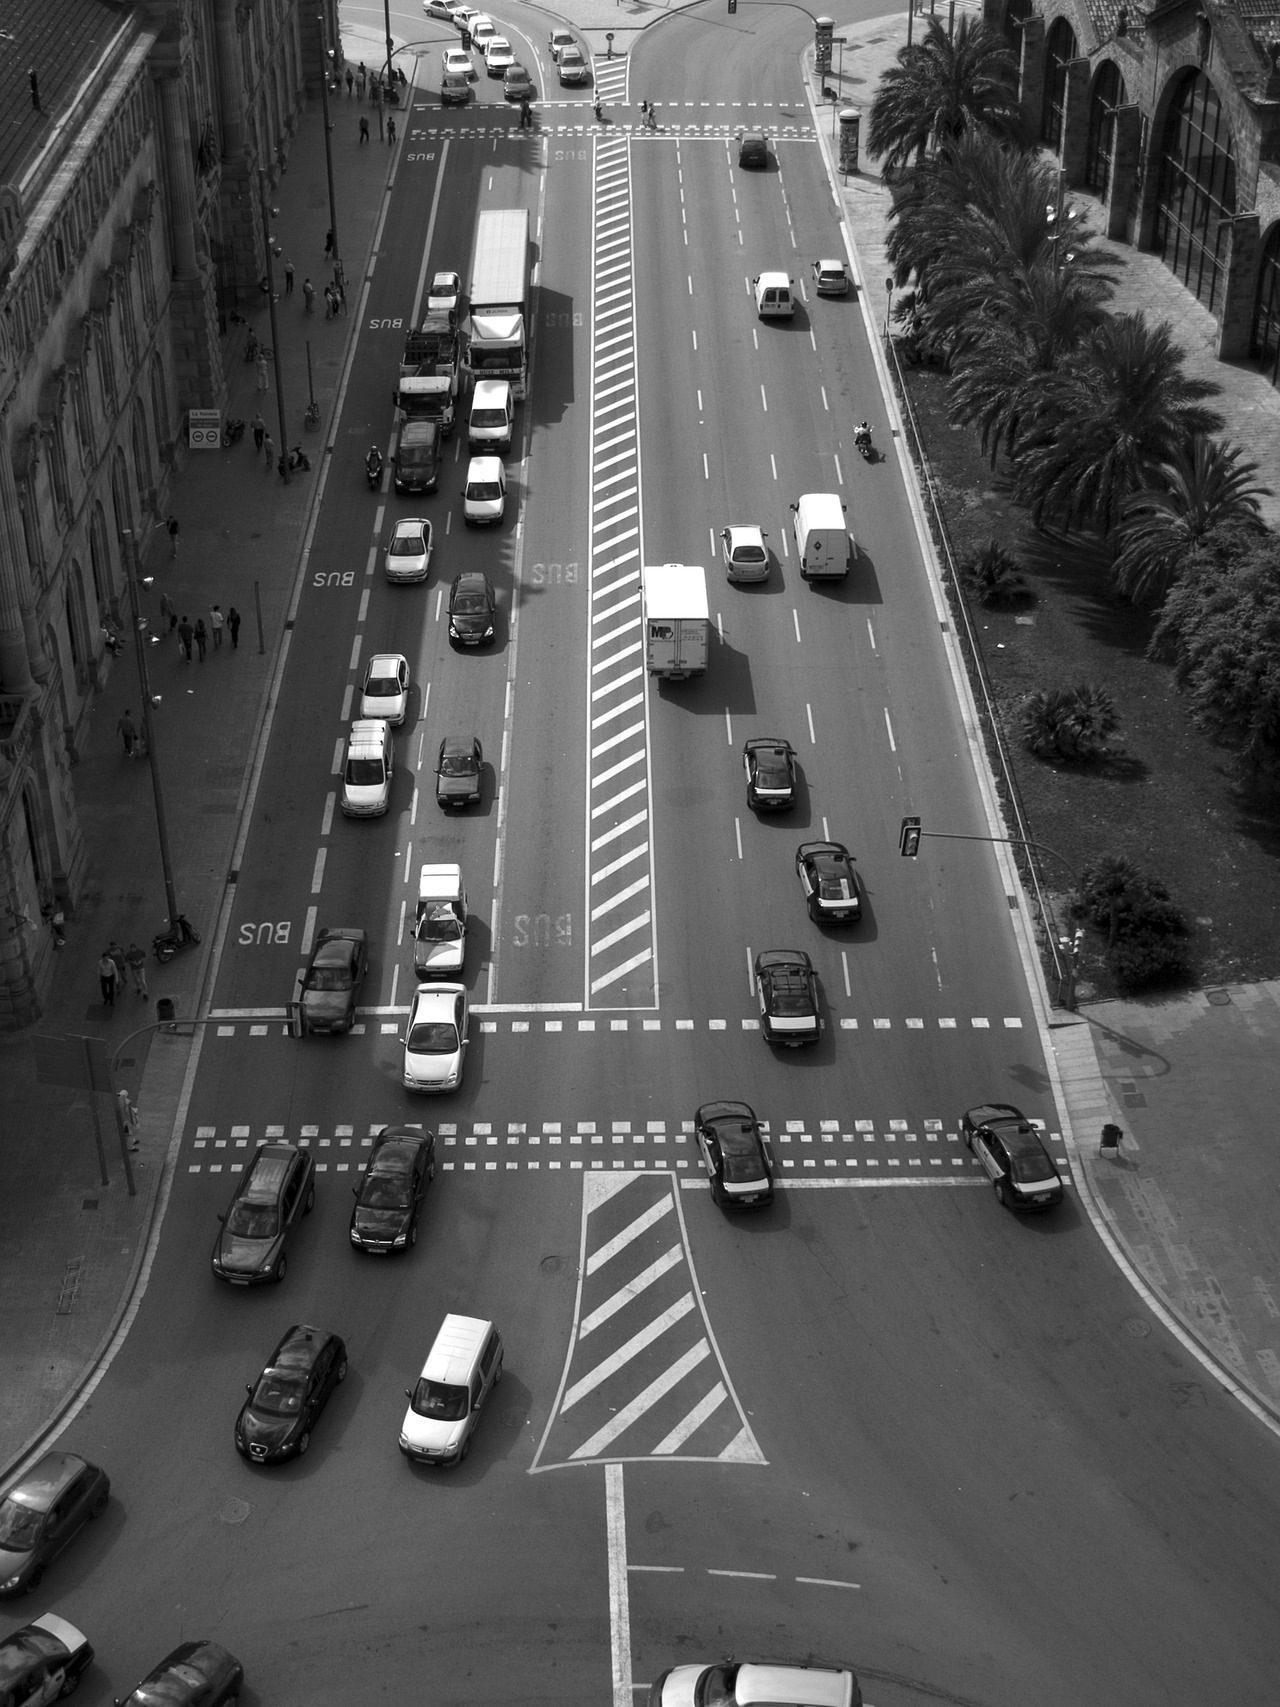 трафик, Город, Автомобили, Барселона, в черно-белом - Обои HD - Профессор falken.com